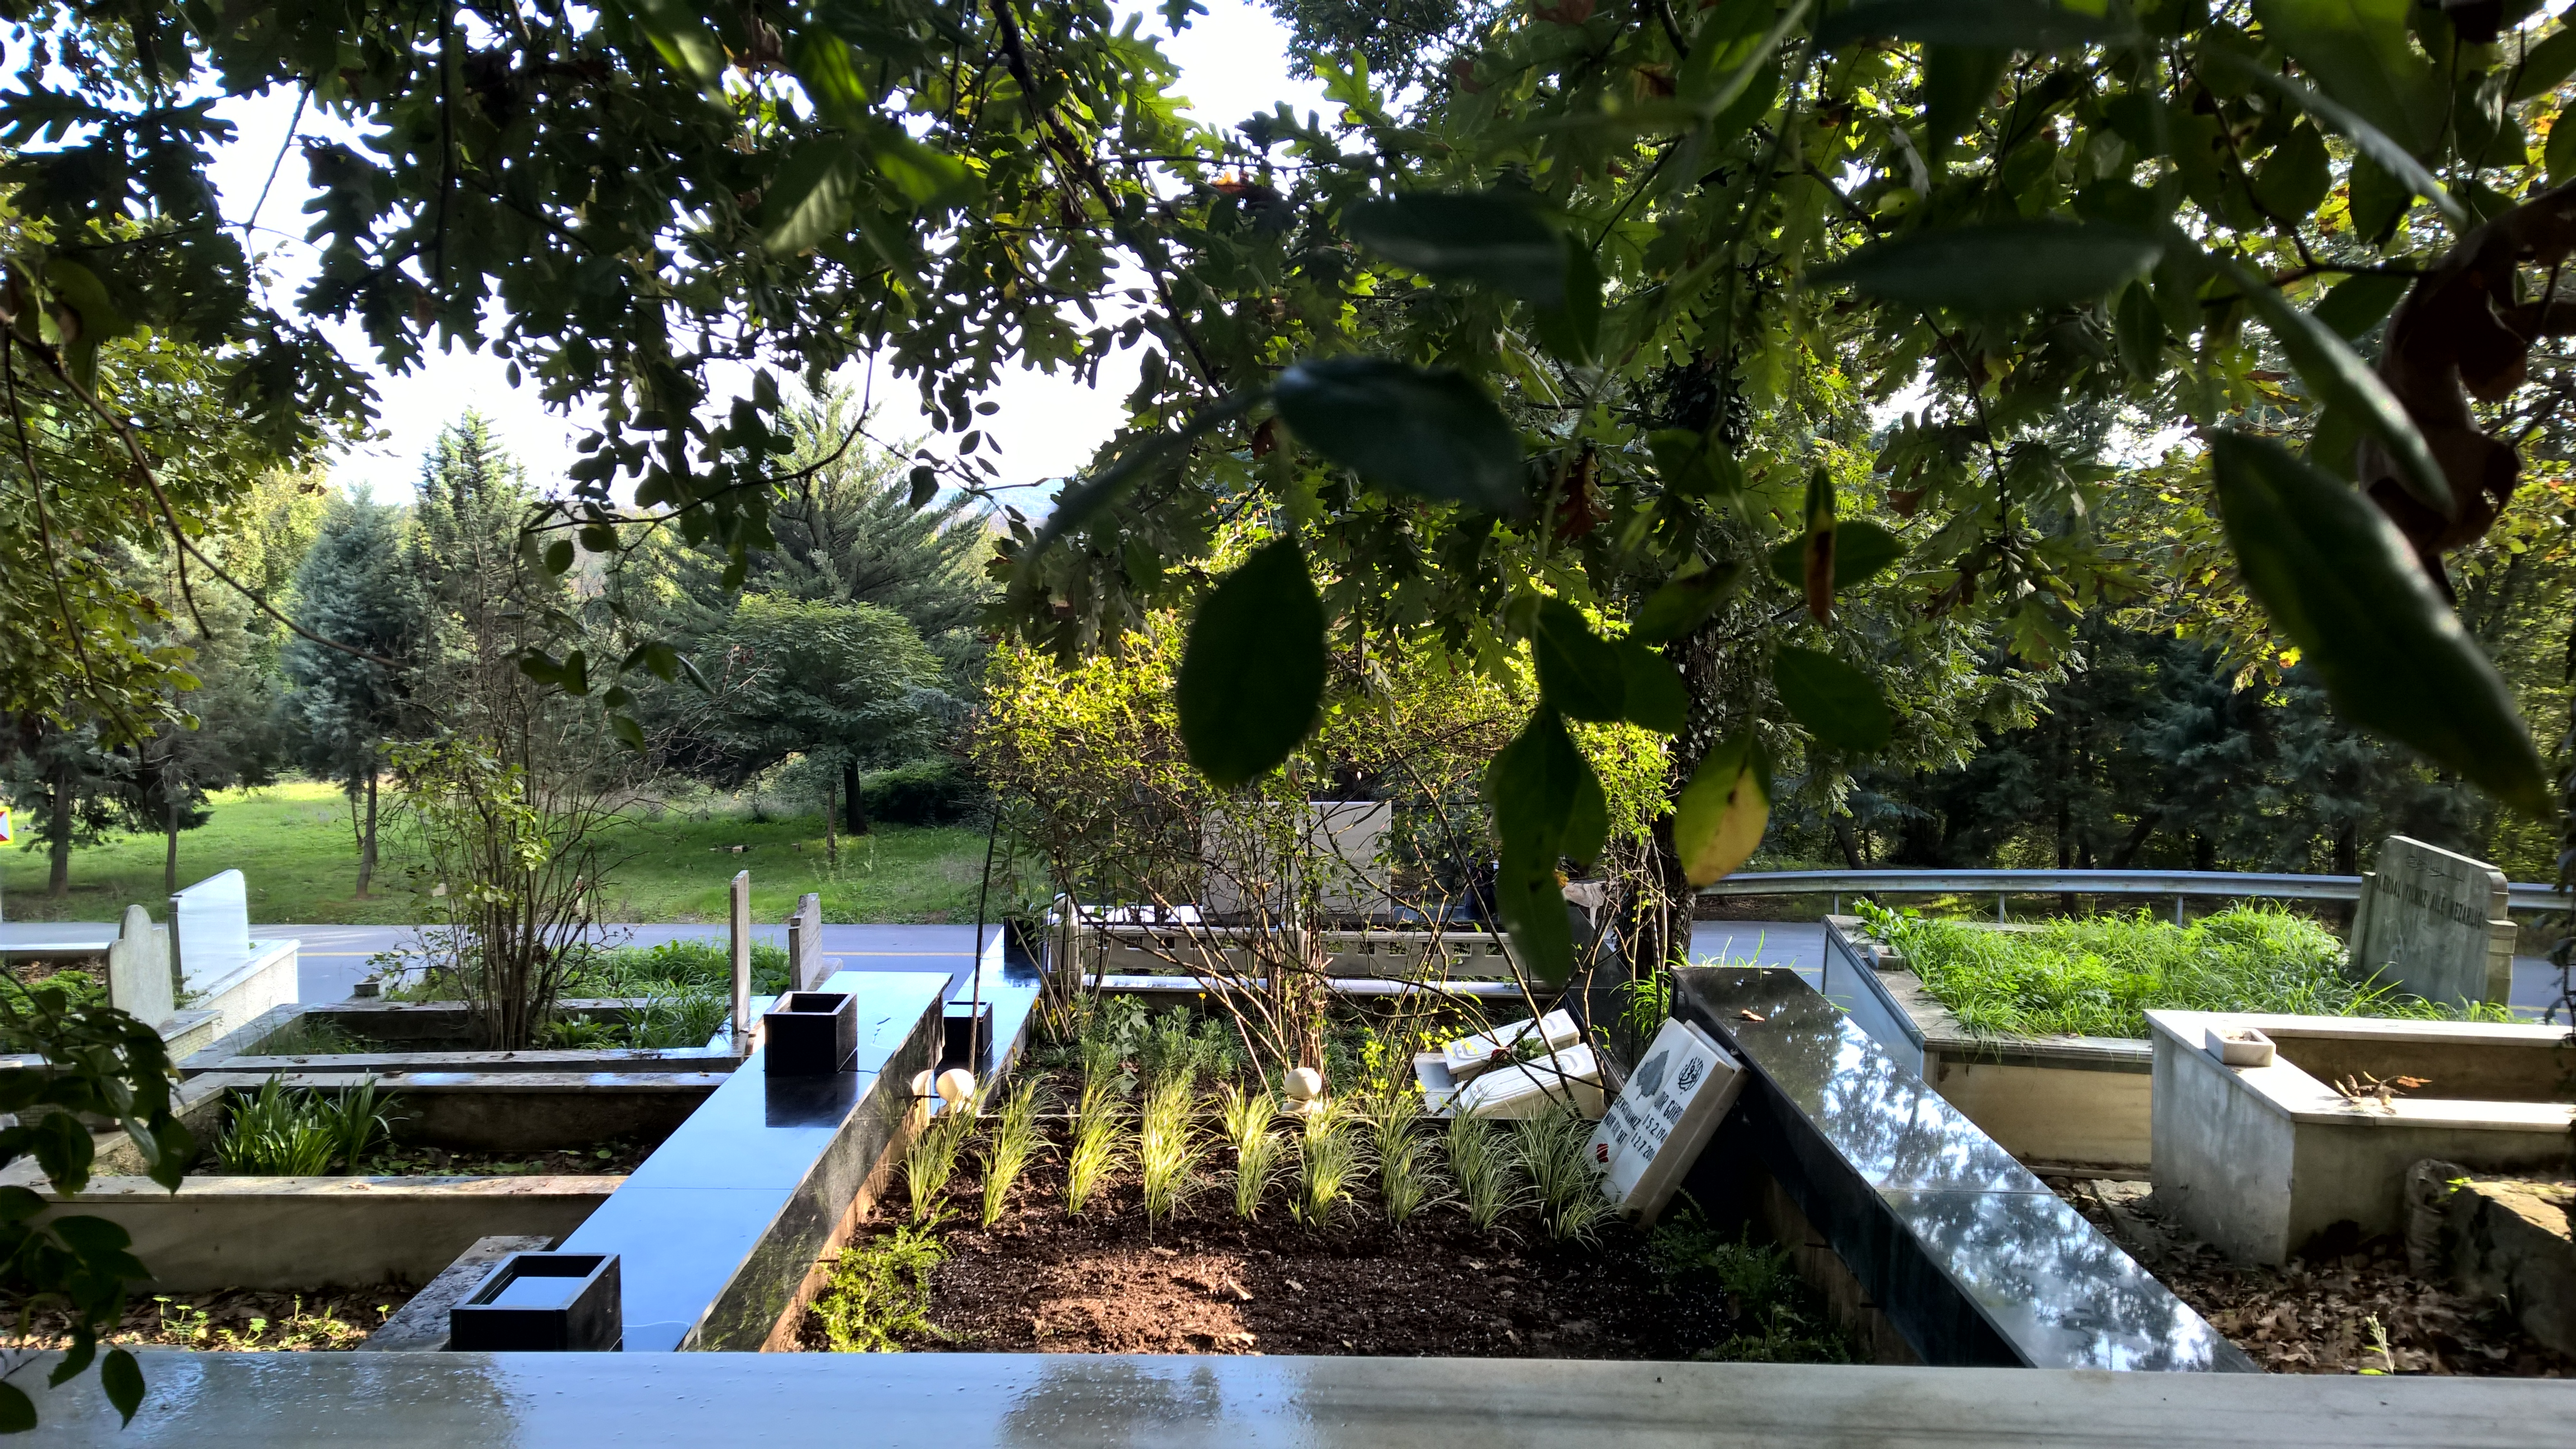 Bahçe pavyonu. Düşünüyoruz, inanıyoruz, inşa ediyoruz